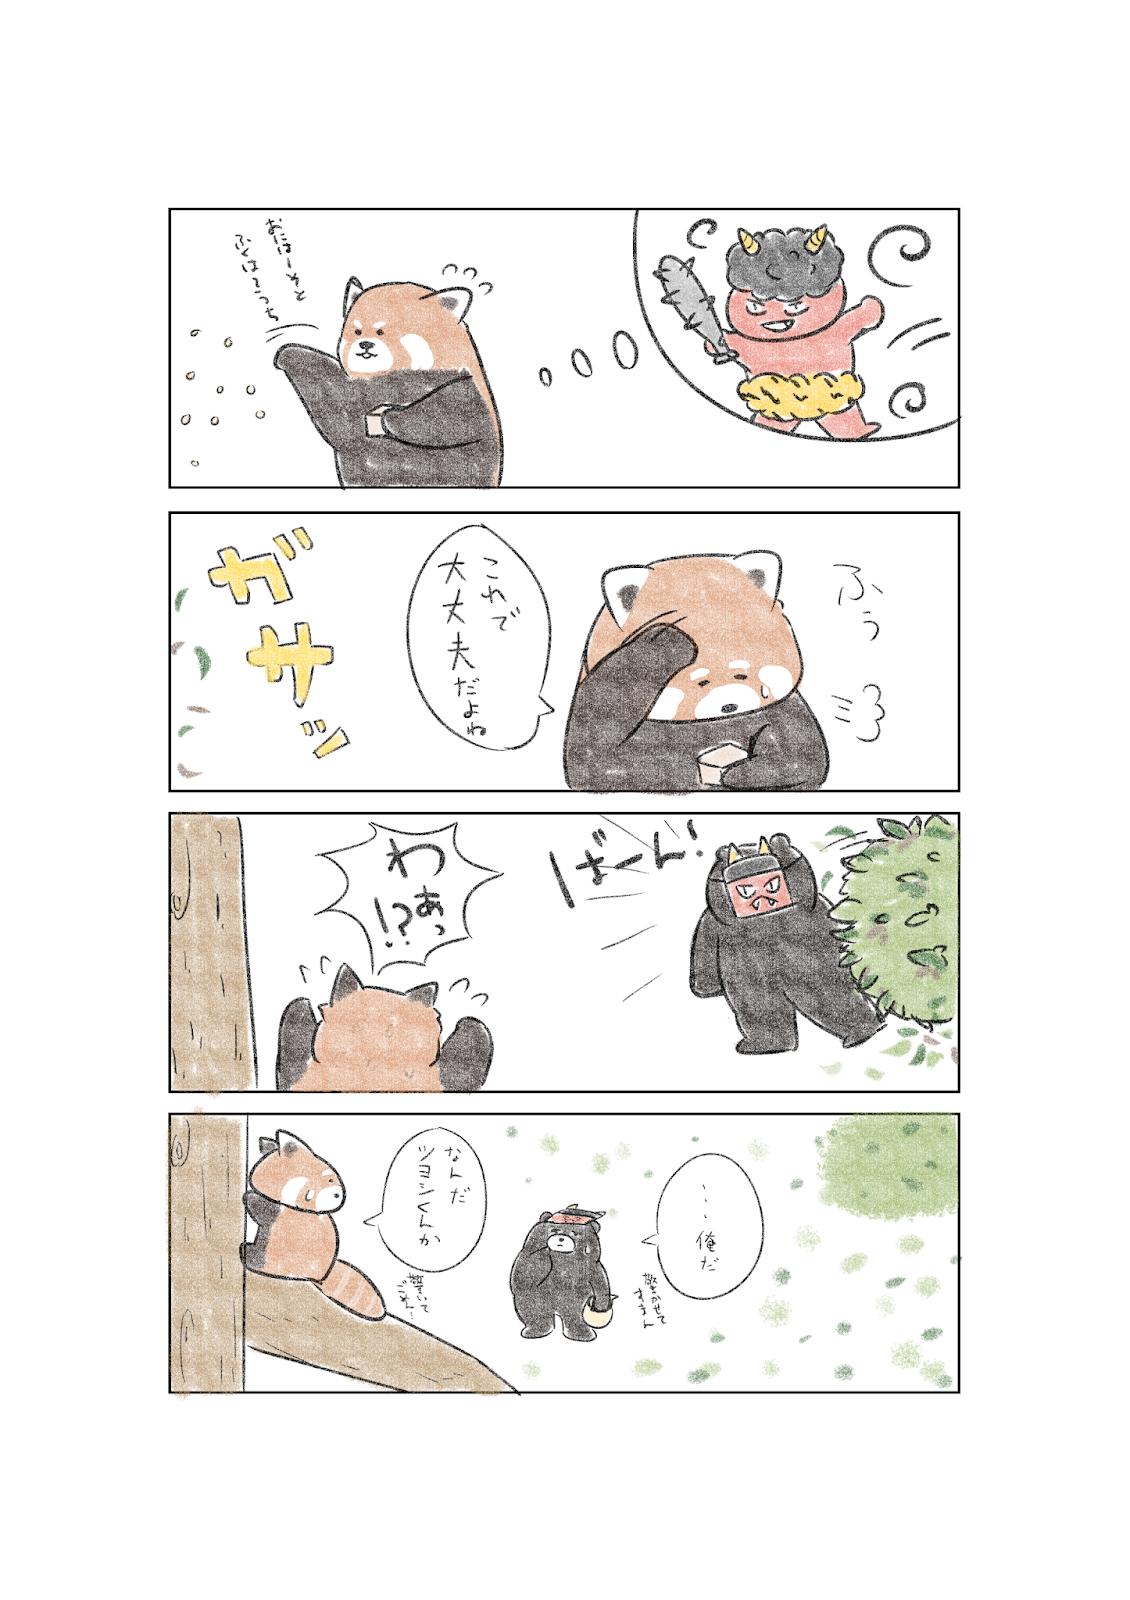 レッサーパンダの節分の漫画